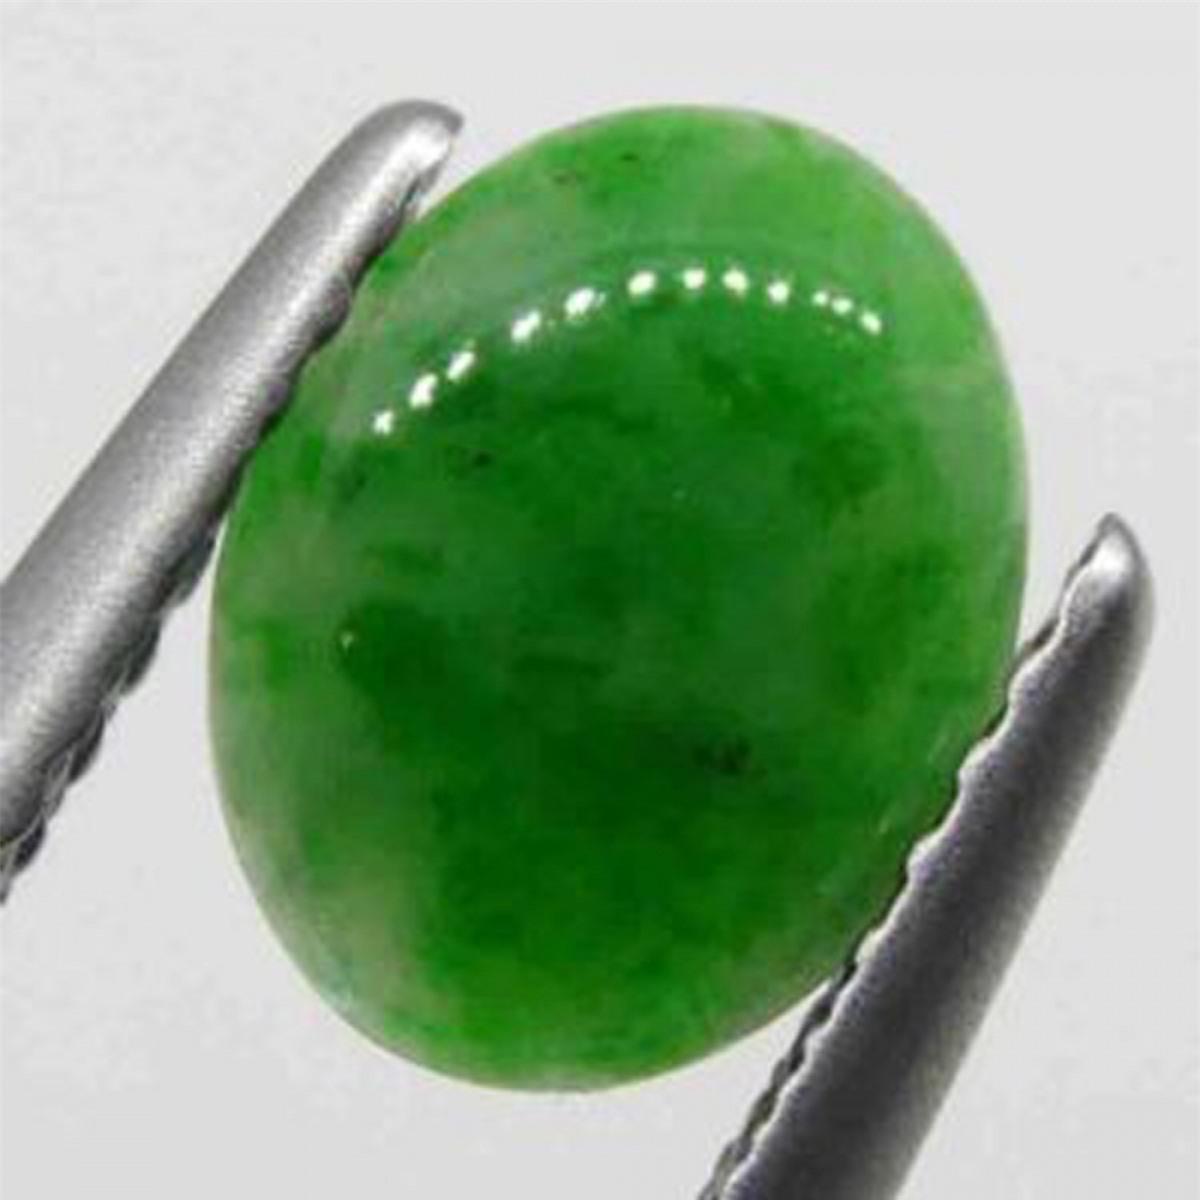 Mỗi carat của viên ngọc bích đổi màu Jadeite là 3 triệu USD bởi đây là loại tinh khiết và hiếm nhất trong họ đá quý.